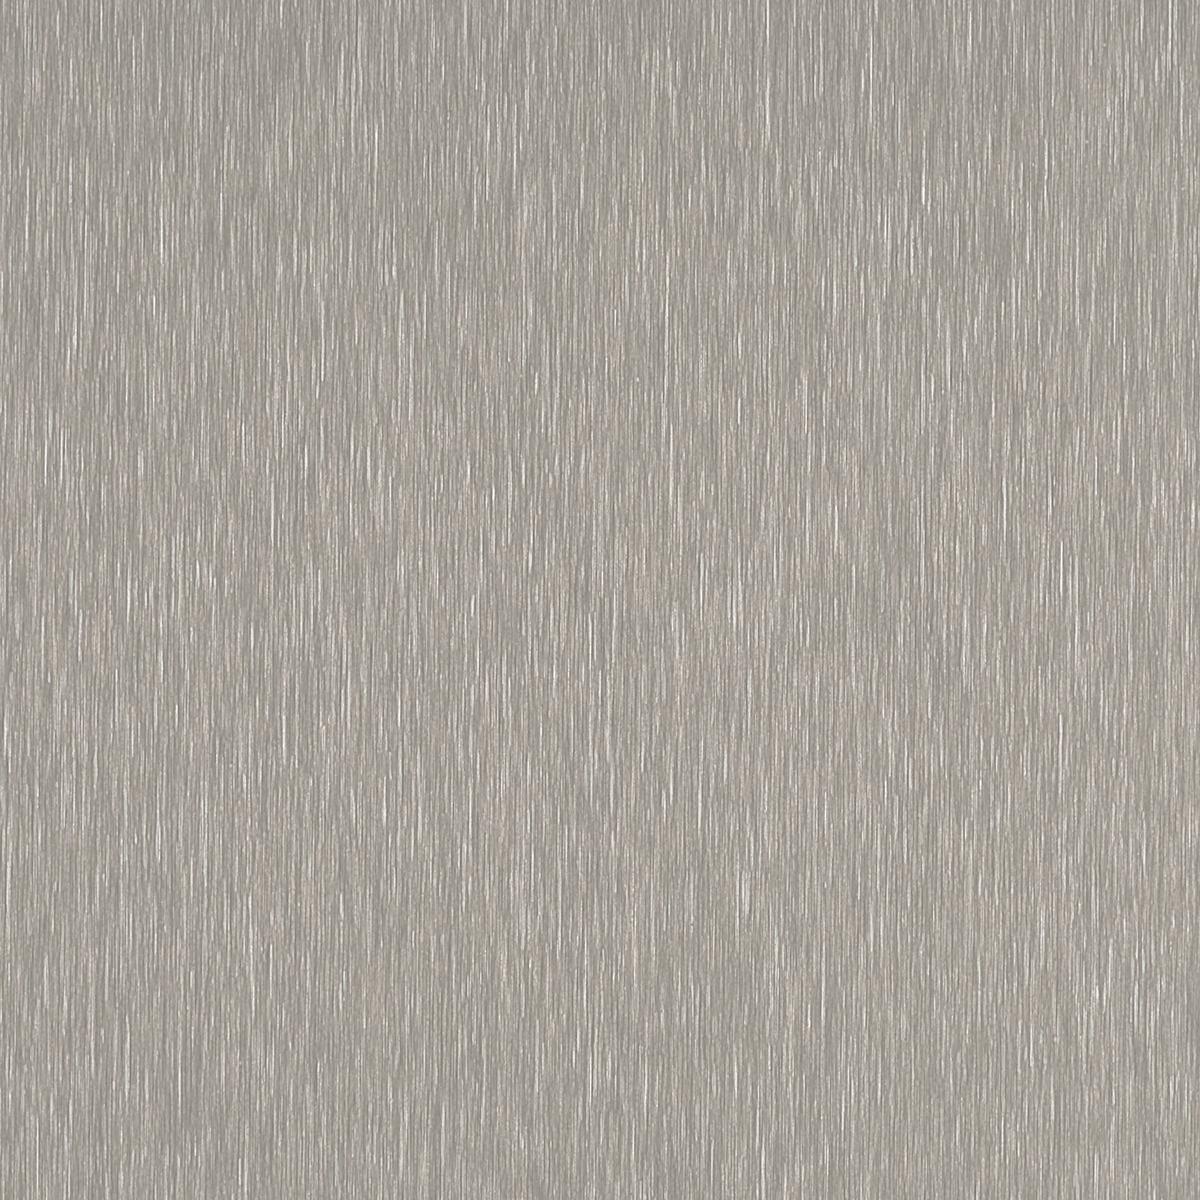 M5311 Brushed Argent - Formica